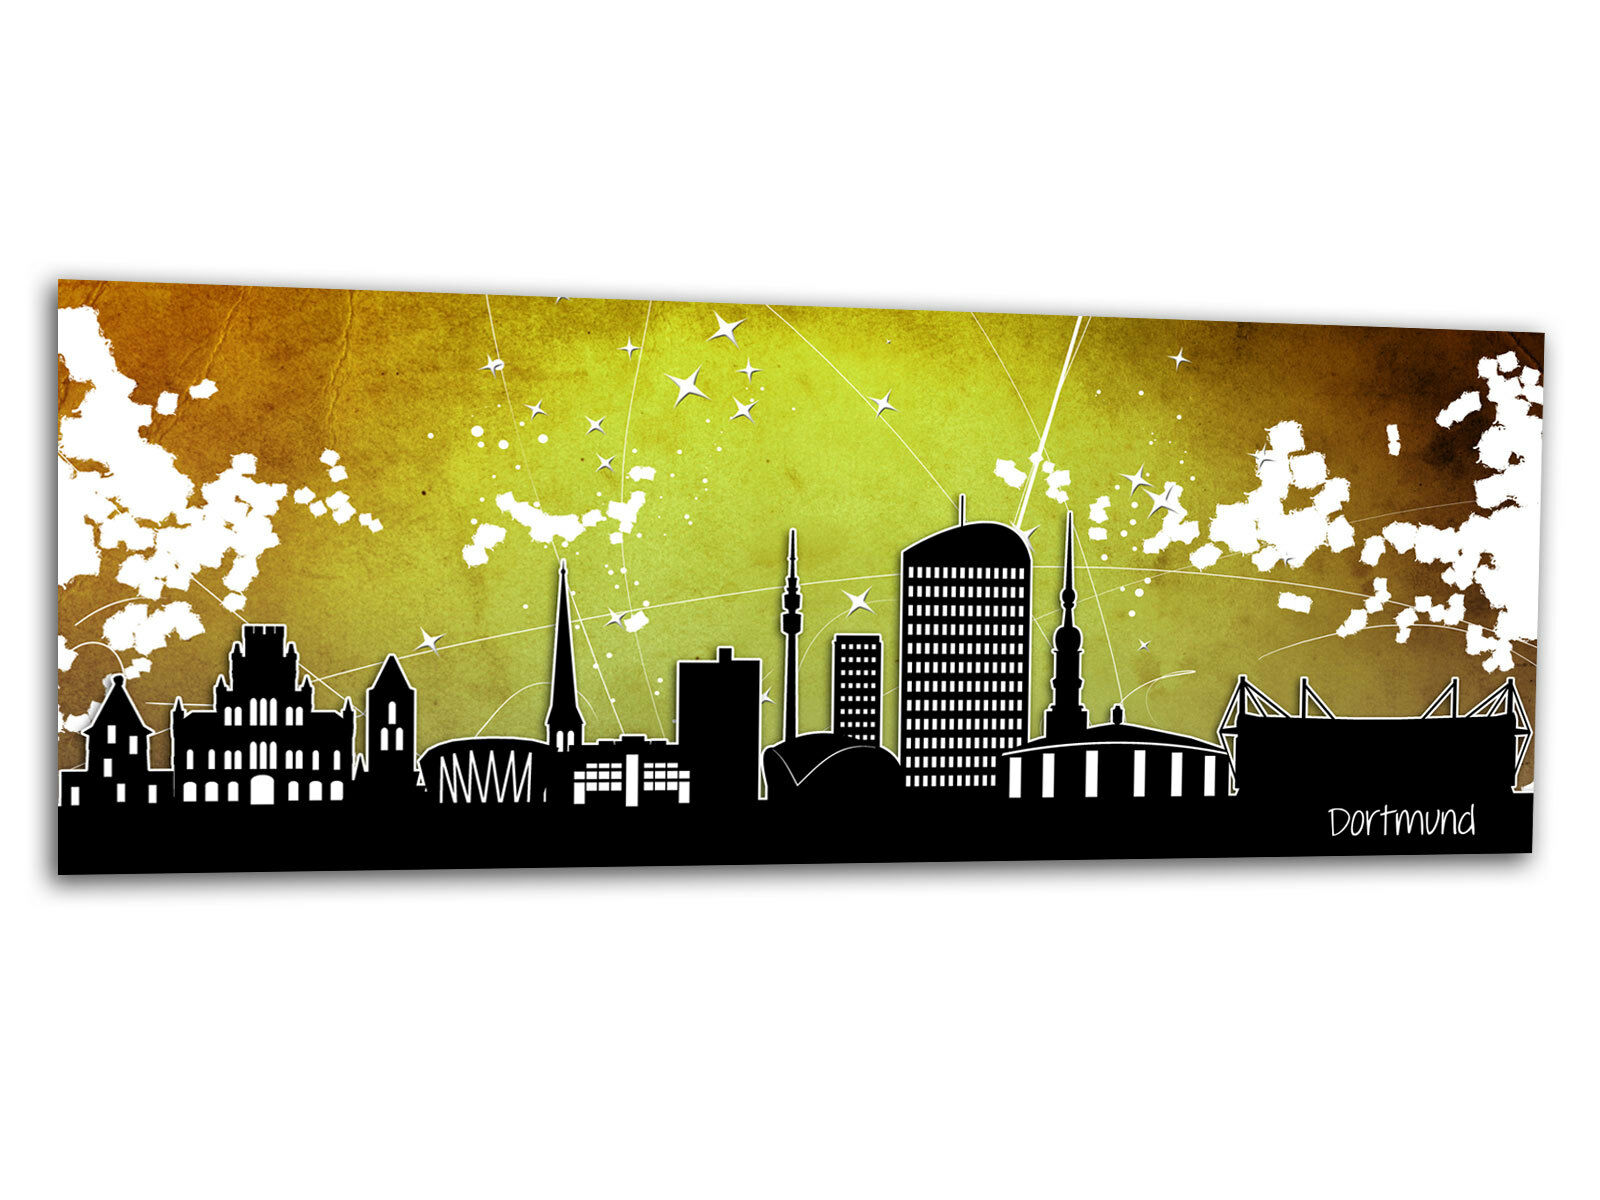 Verre-image LA FRESQUE Dortmund étoiles jaune ag-00764 125 x 50 cm